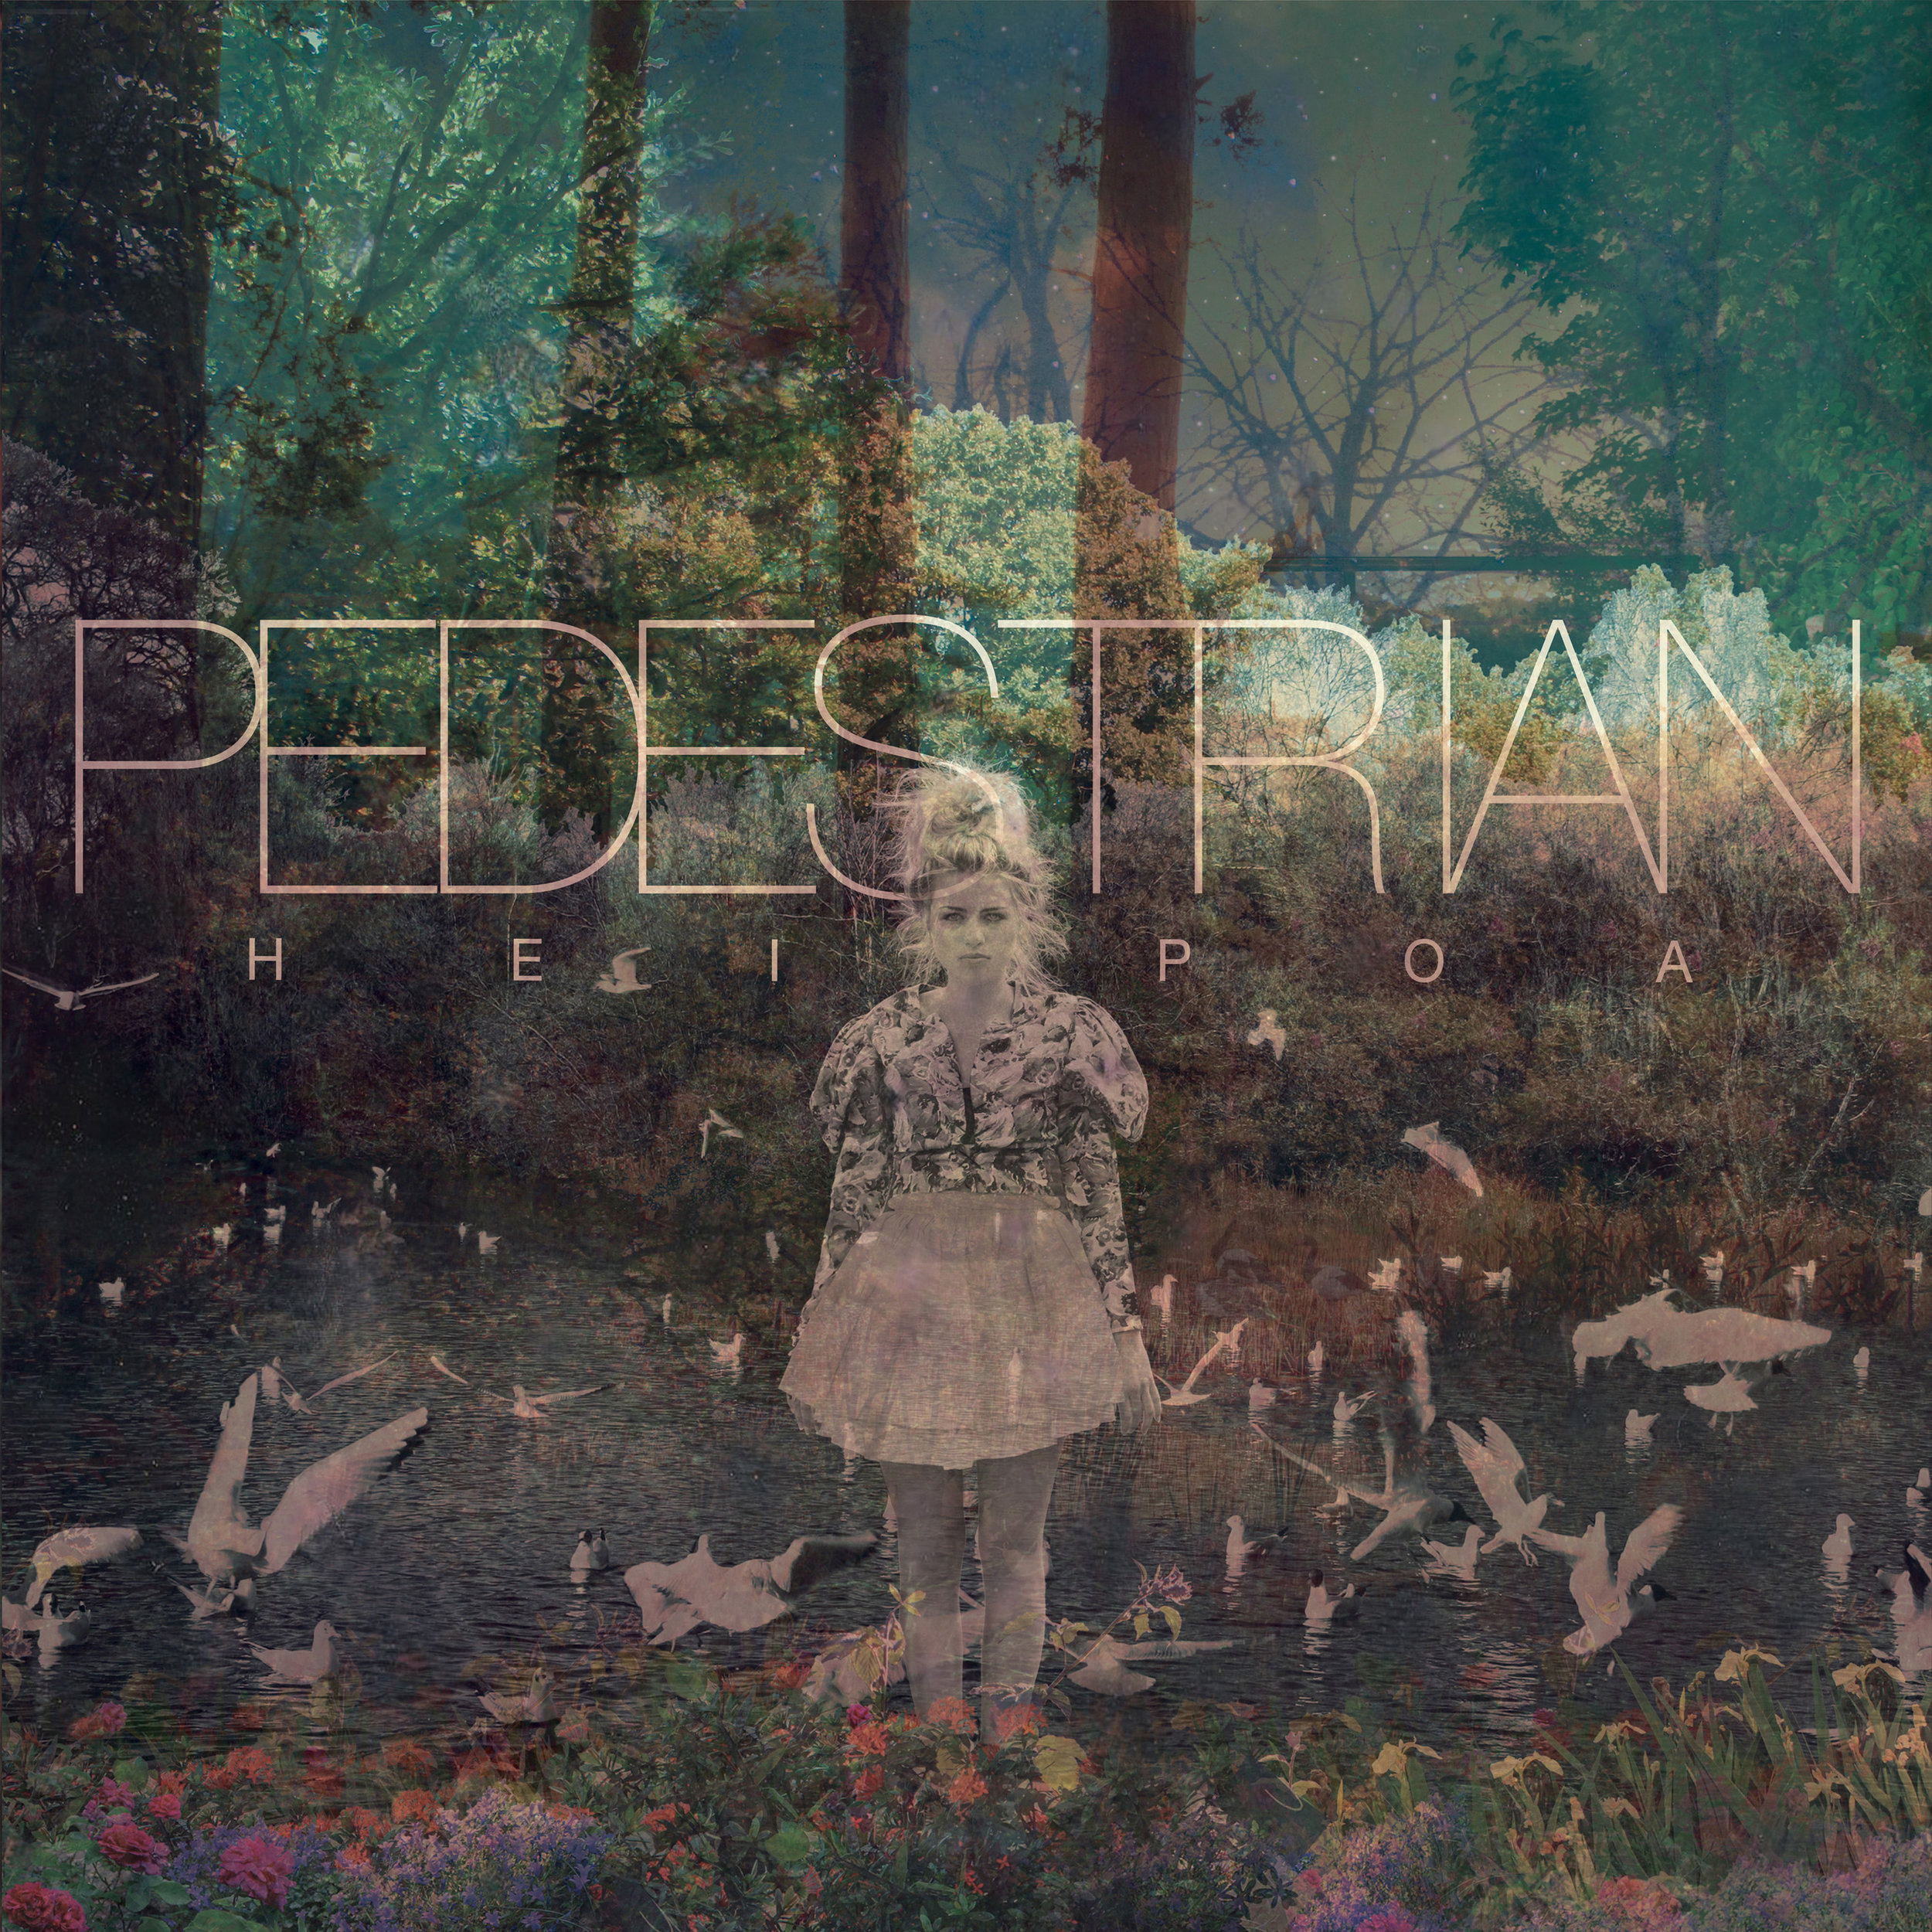 Pedestrian - Hei Poa EP - LISTEN / BUY